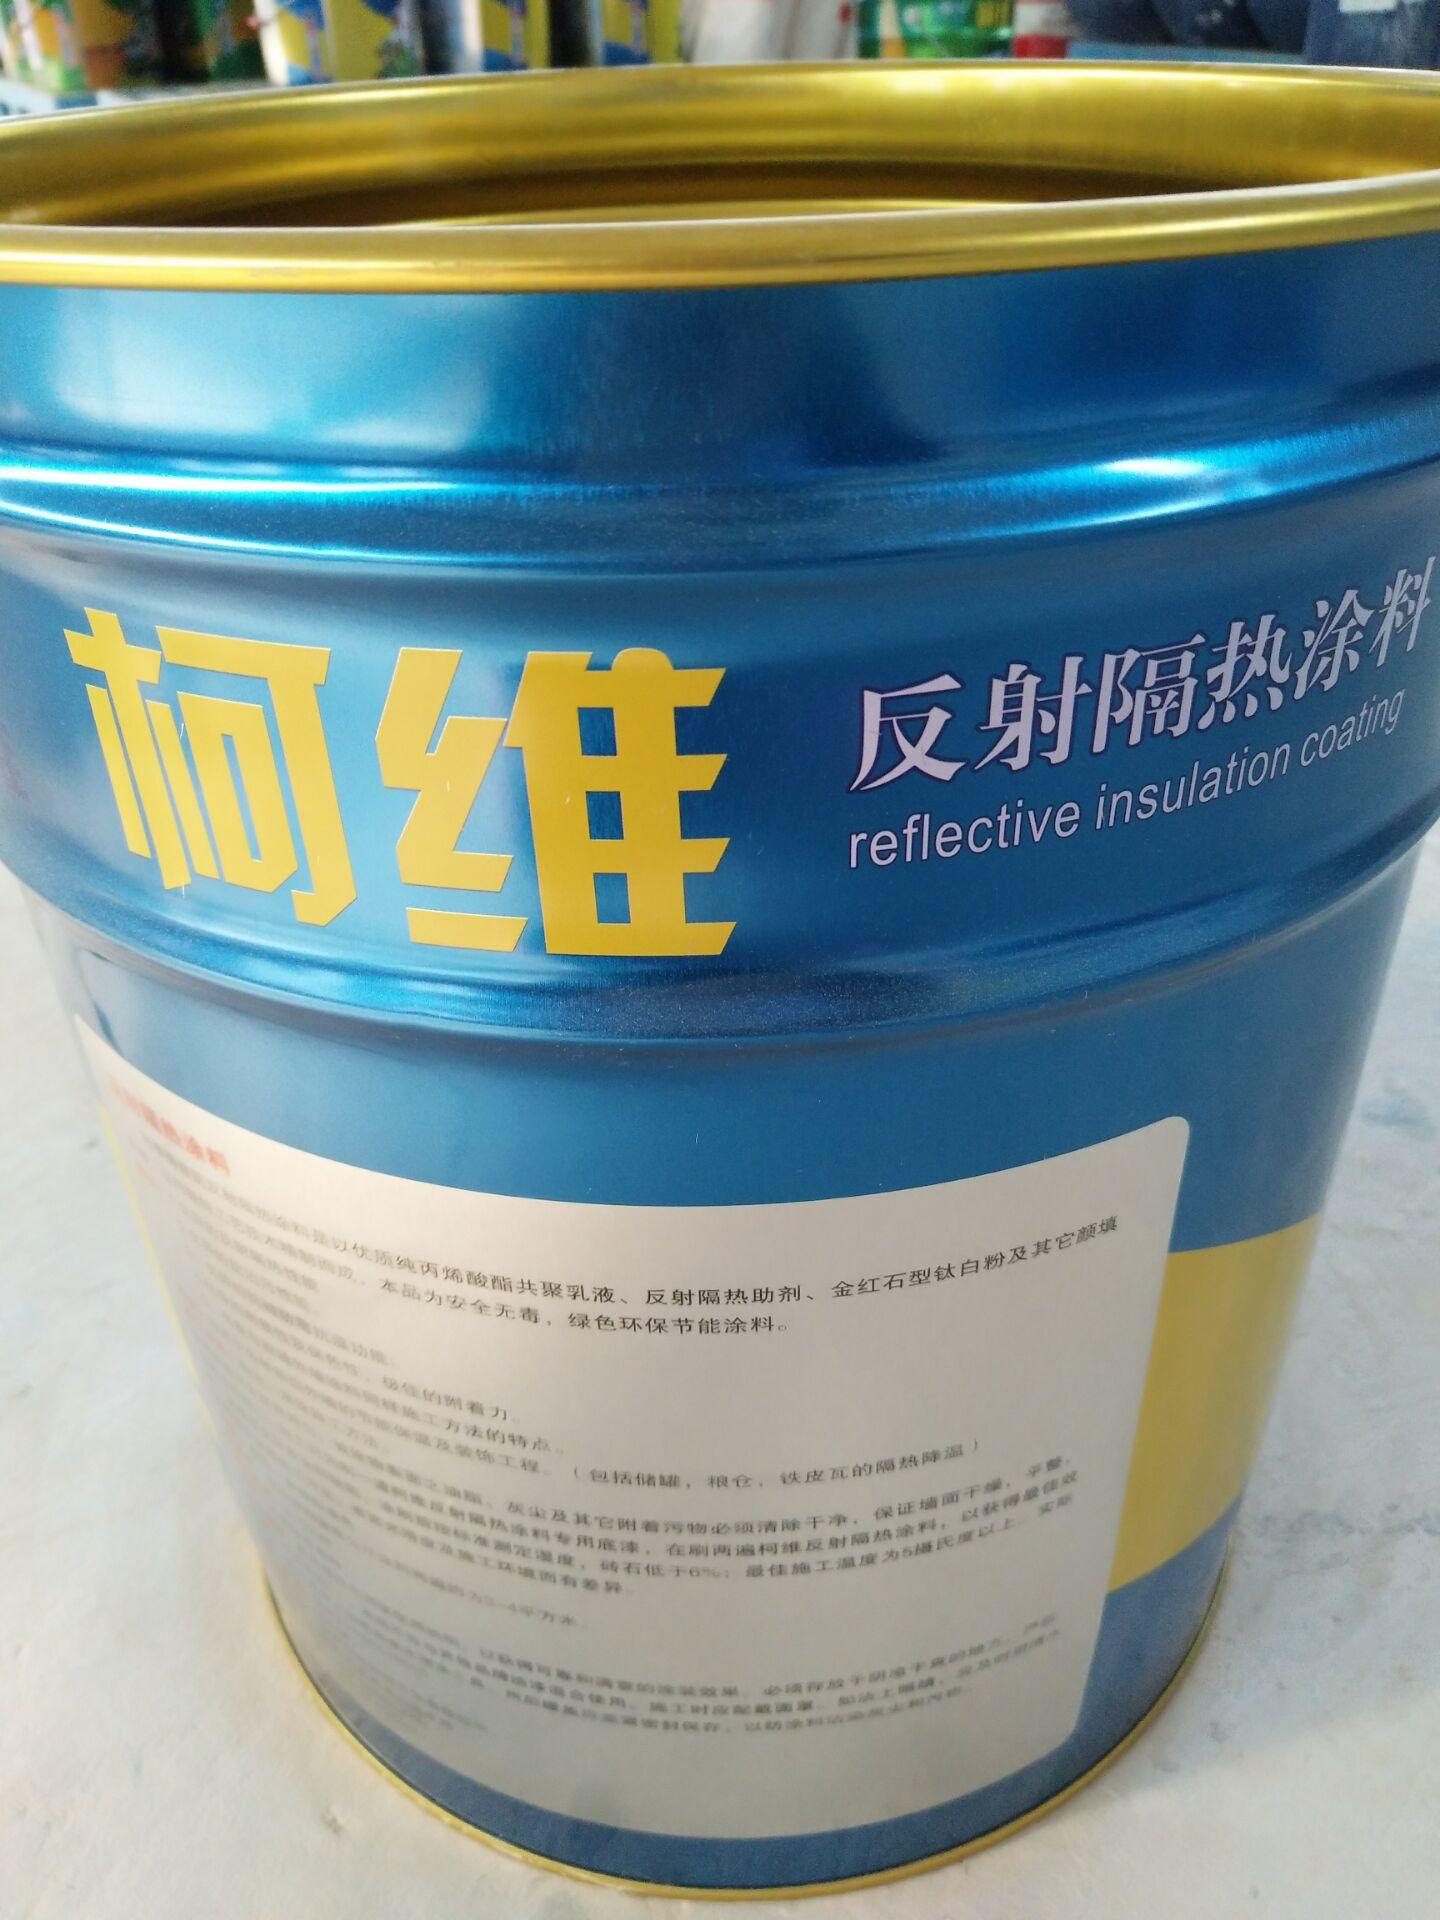 贵州反射隔热涂料